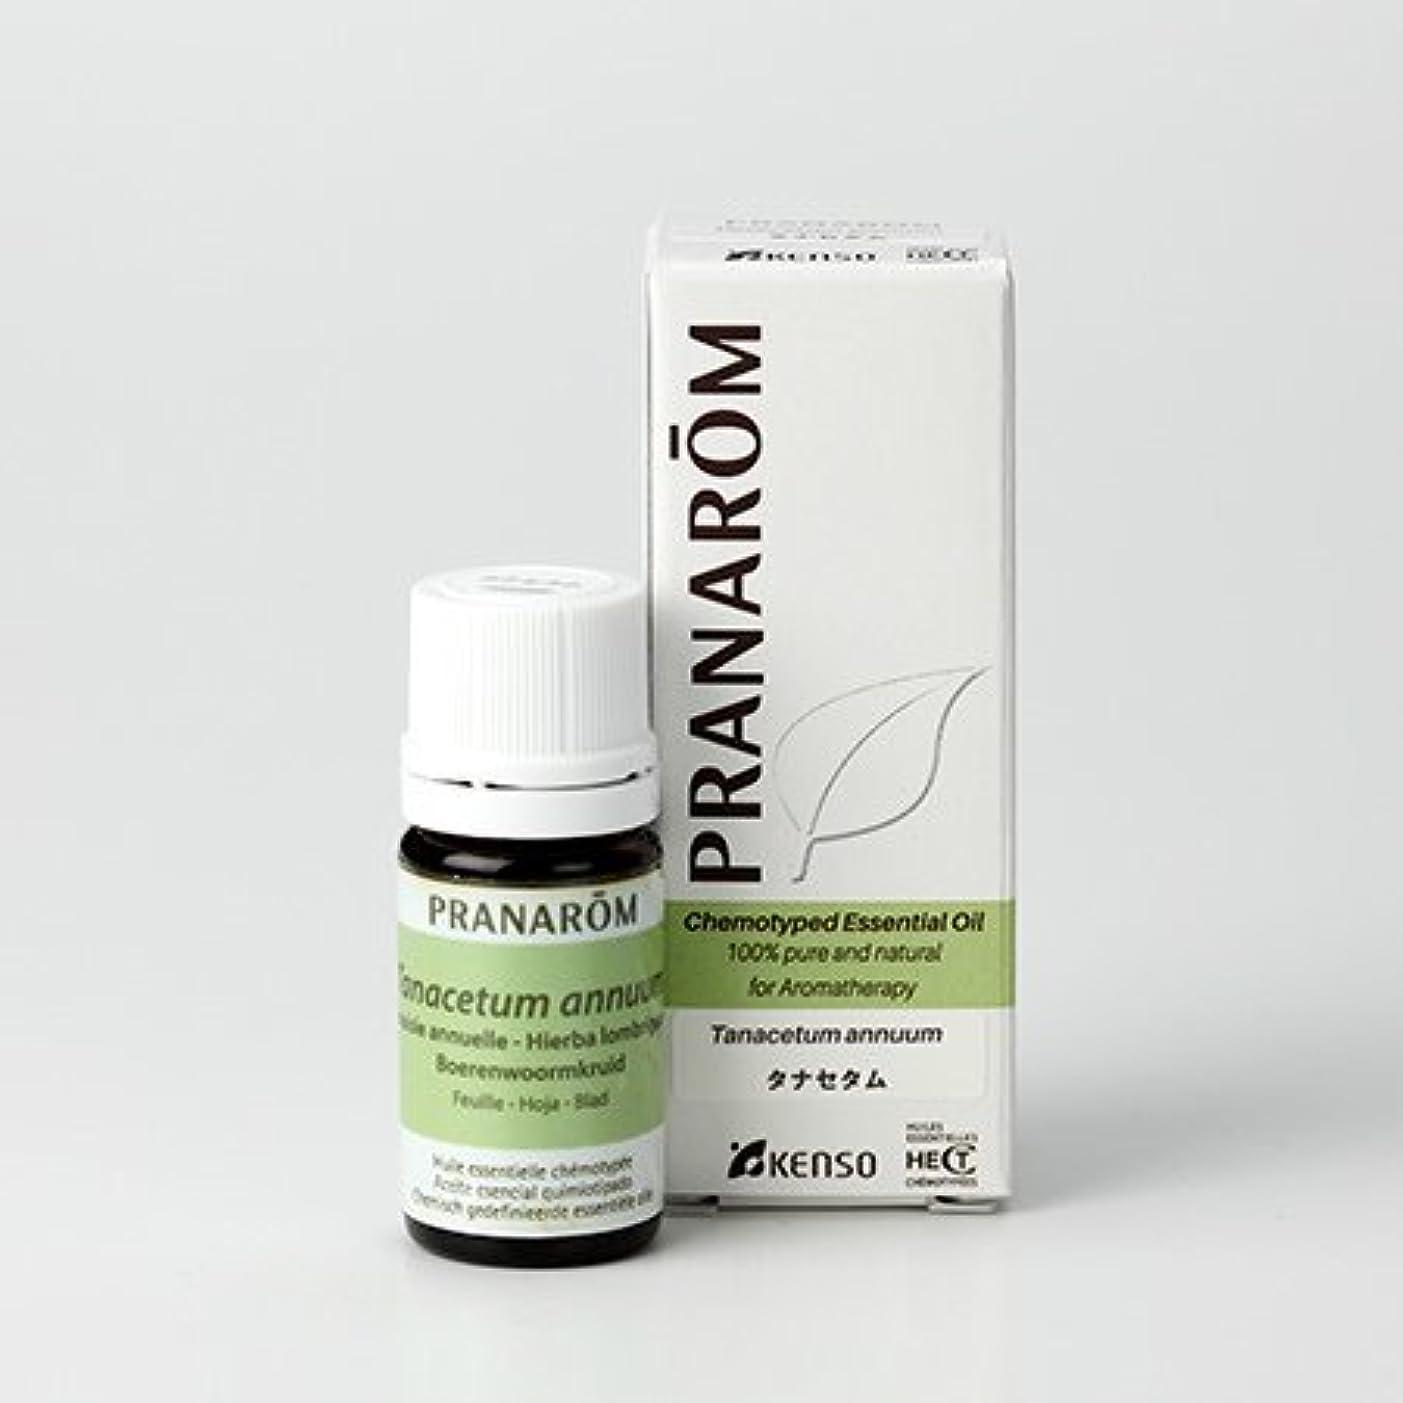 チャネルバースト分泌する【タナセタム 5ml】→甘みのある、濃厚でフルーティな香り?(リラックスハーブ系)[PRANAROM(プラナロム)精油/アロマオイル/エッセンシャルオイル]P-173